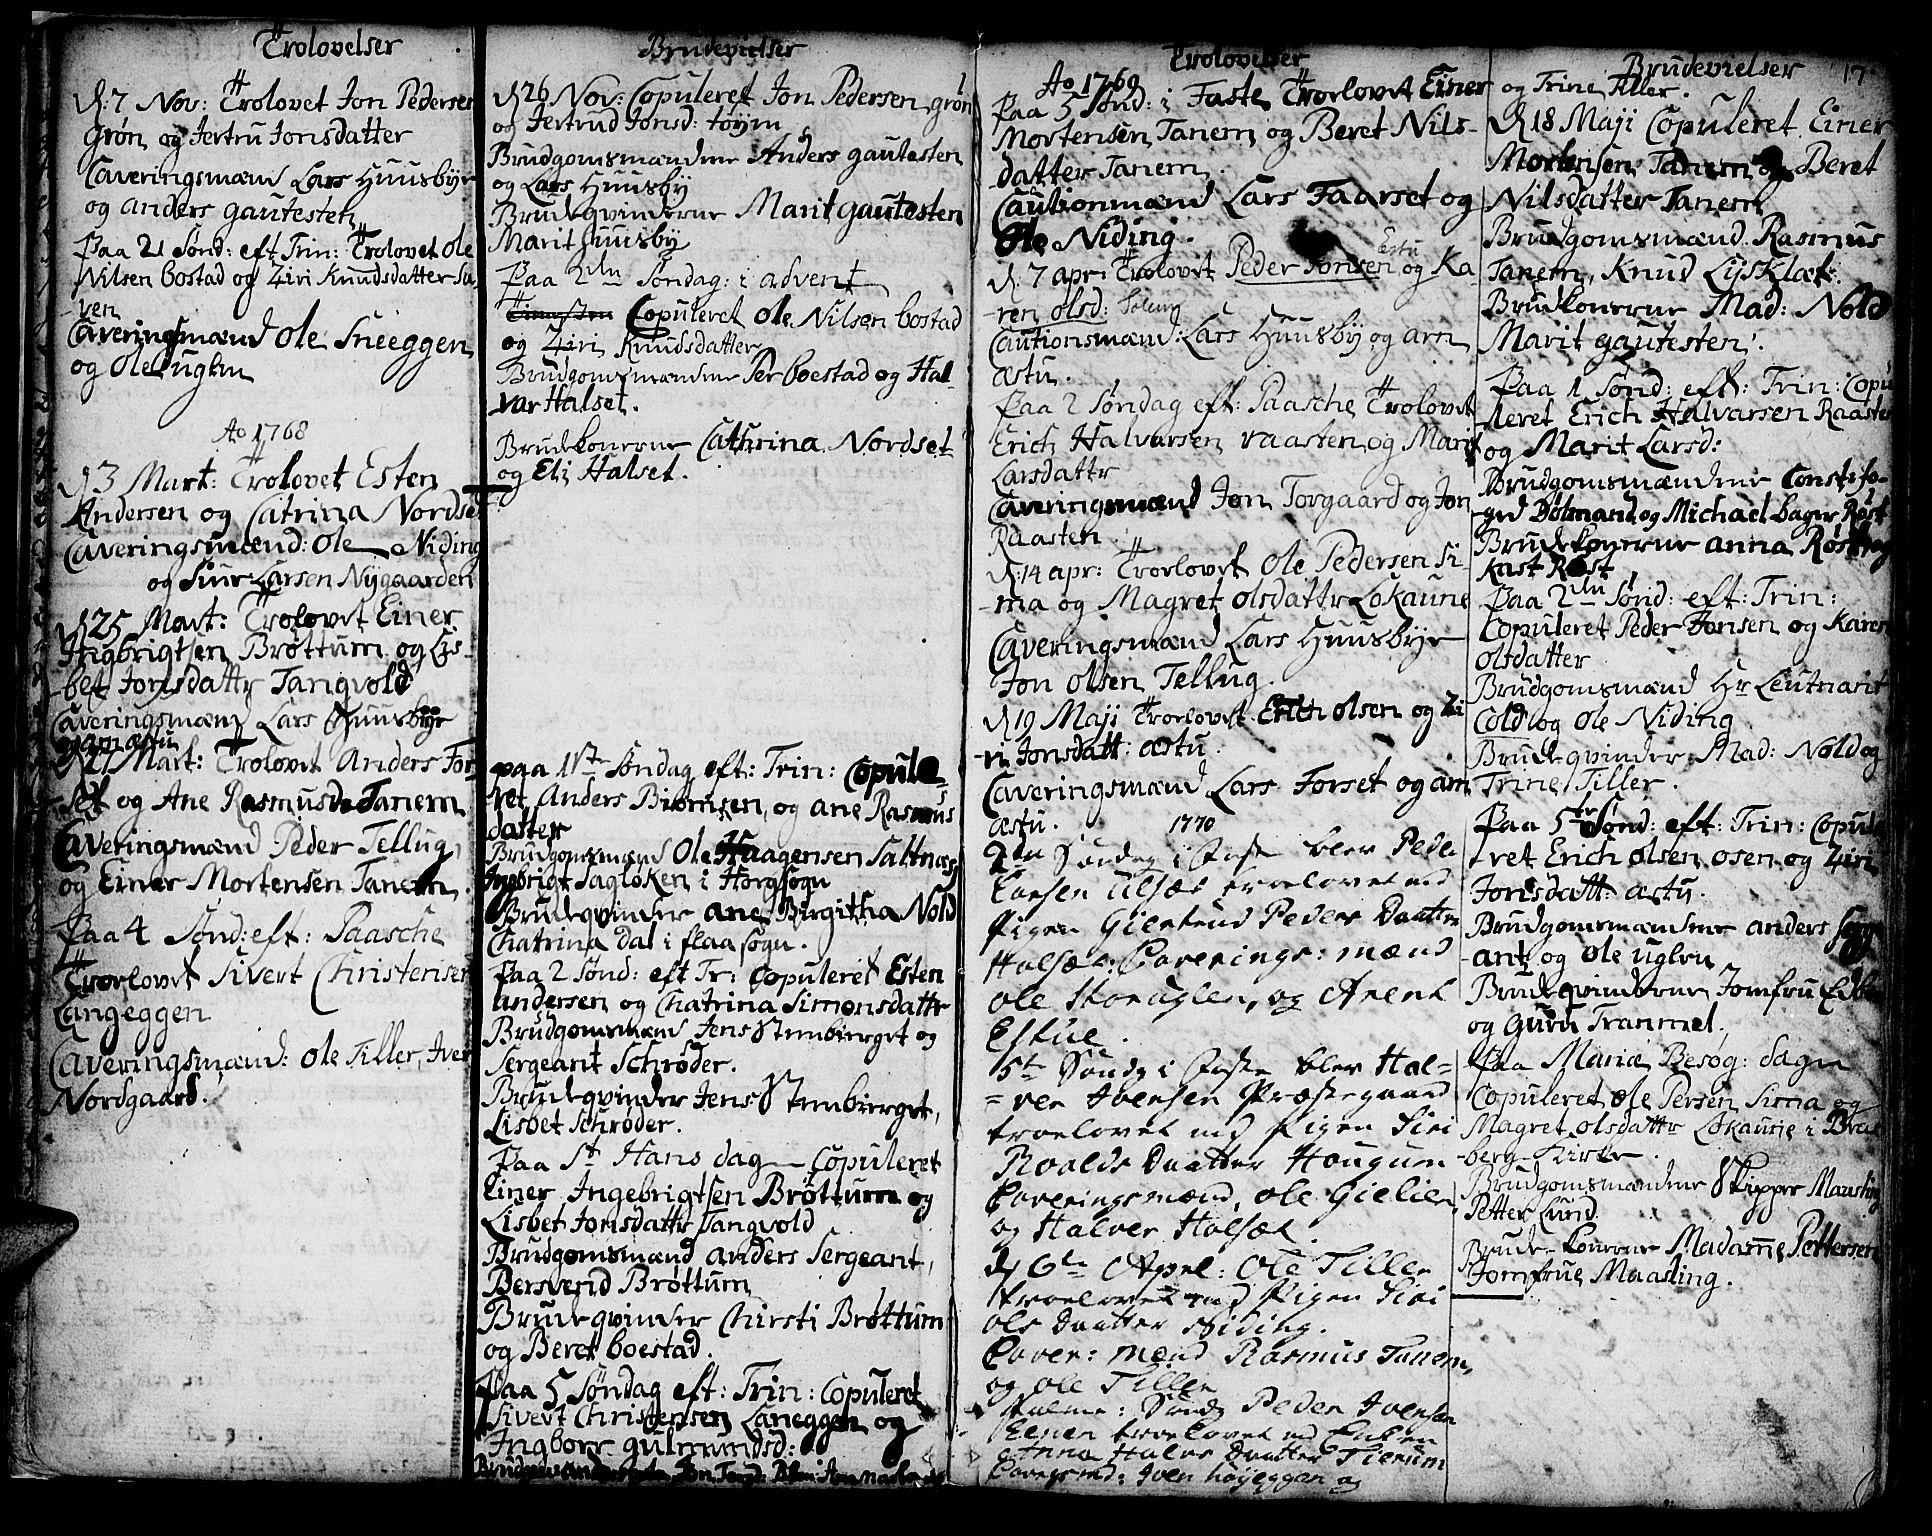 SAT, Ministerialprotokoller, klokkerbøker og fødselsregistre - Sør-Trøndelag, 618/L0437: Ministerialbok nr. 618A02, 1749-1782, s. 17